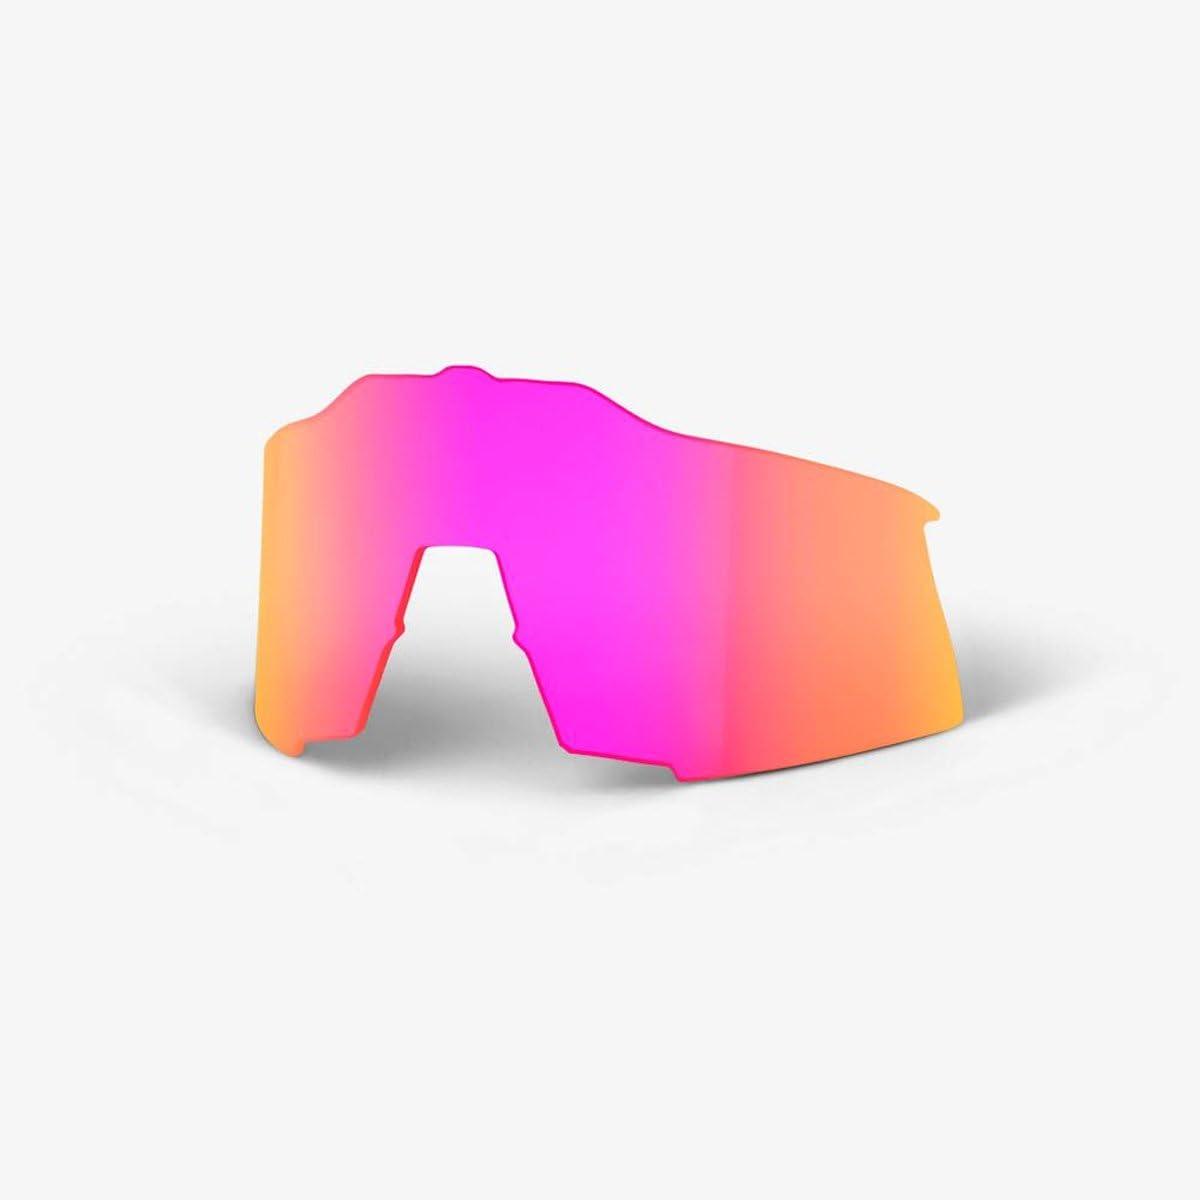 100% Percent Speedcraft Sunglass Replacement Lens - Mirror - 62001